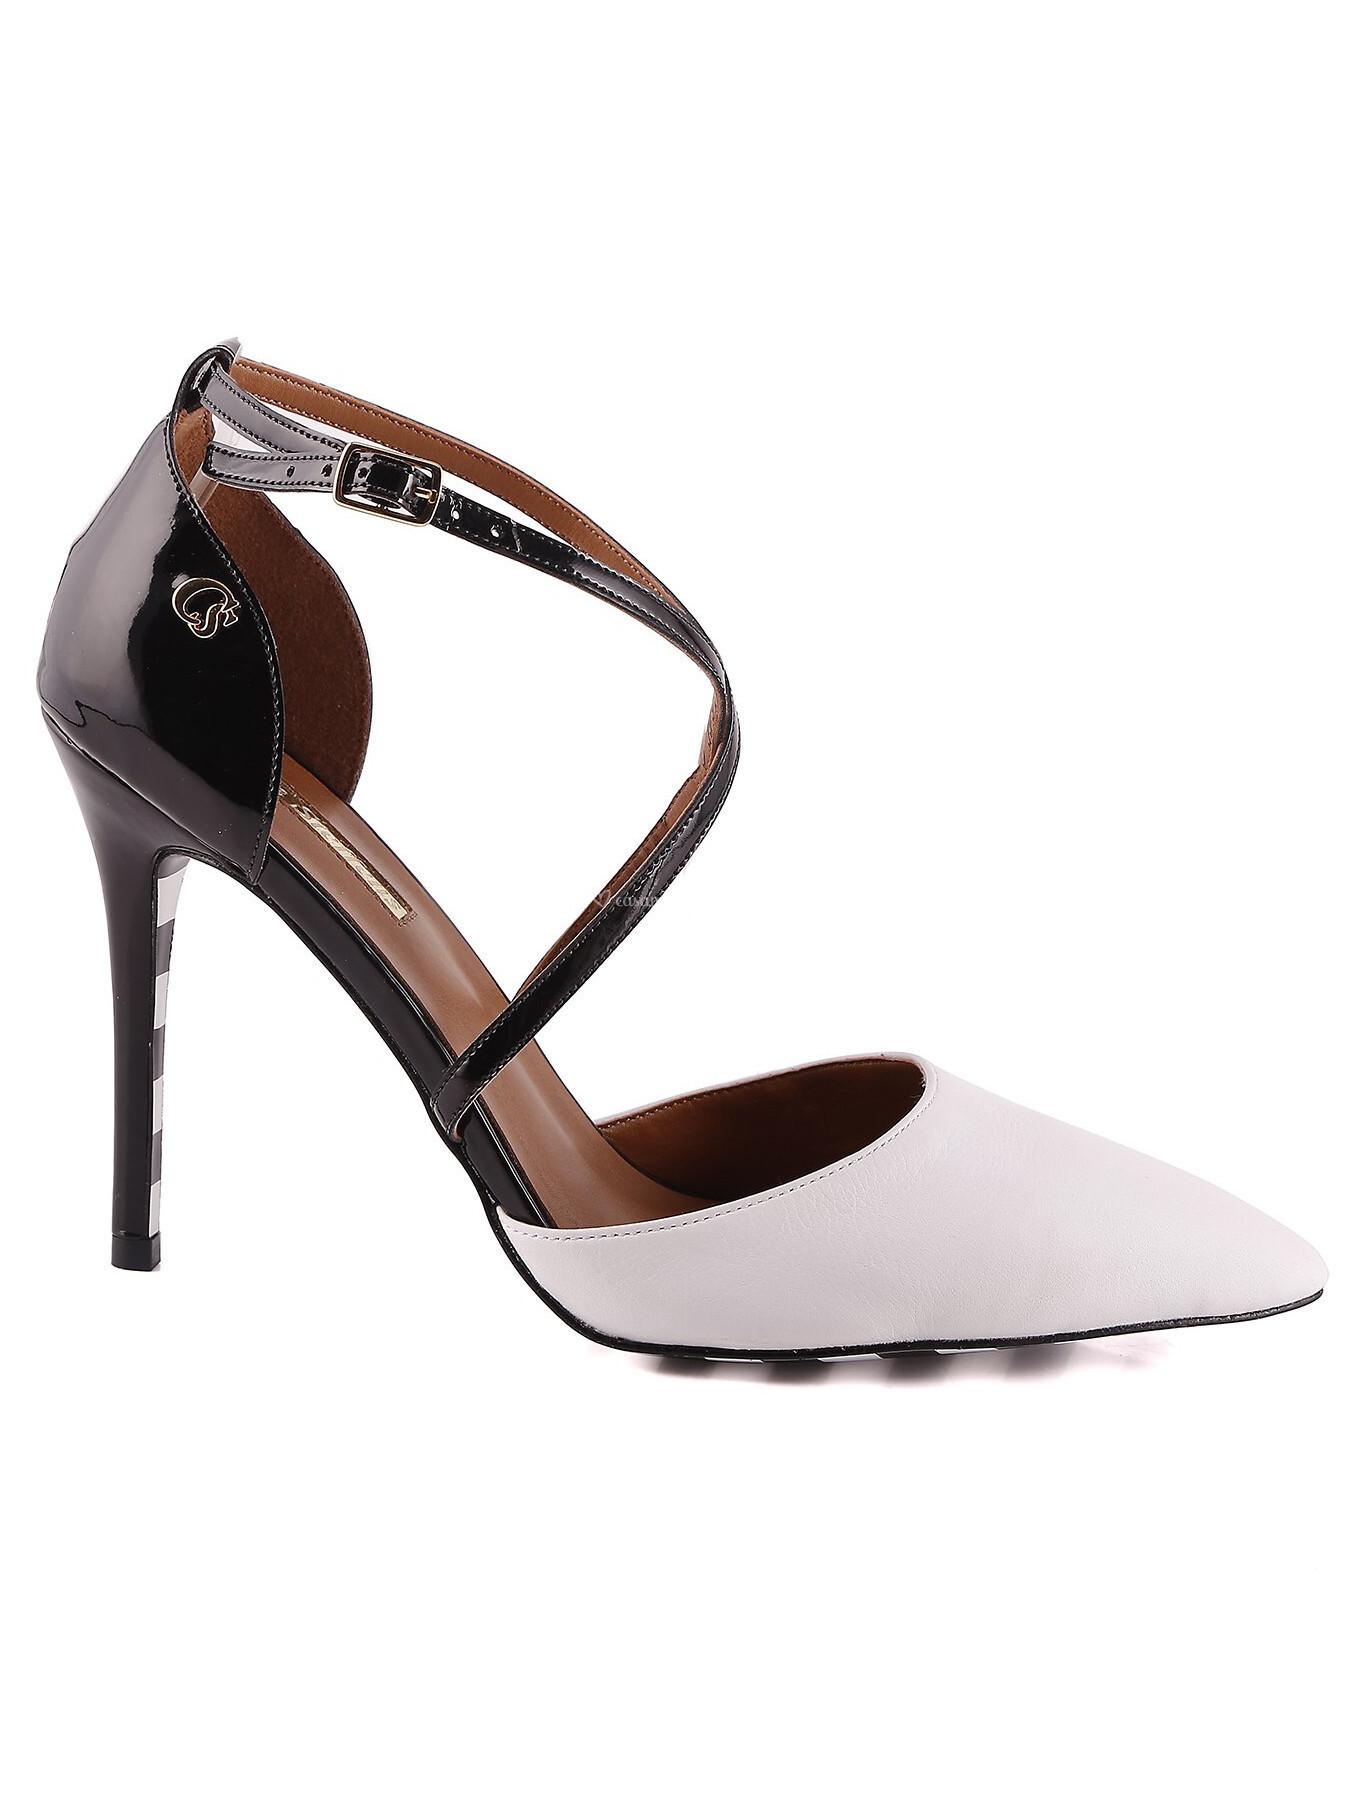 7f056e3ca Sapatos de Carmen Steffens - Página 6 - casamentos.com.br